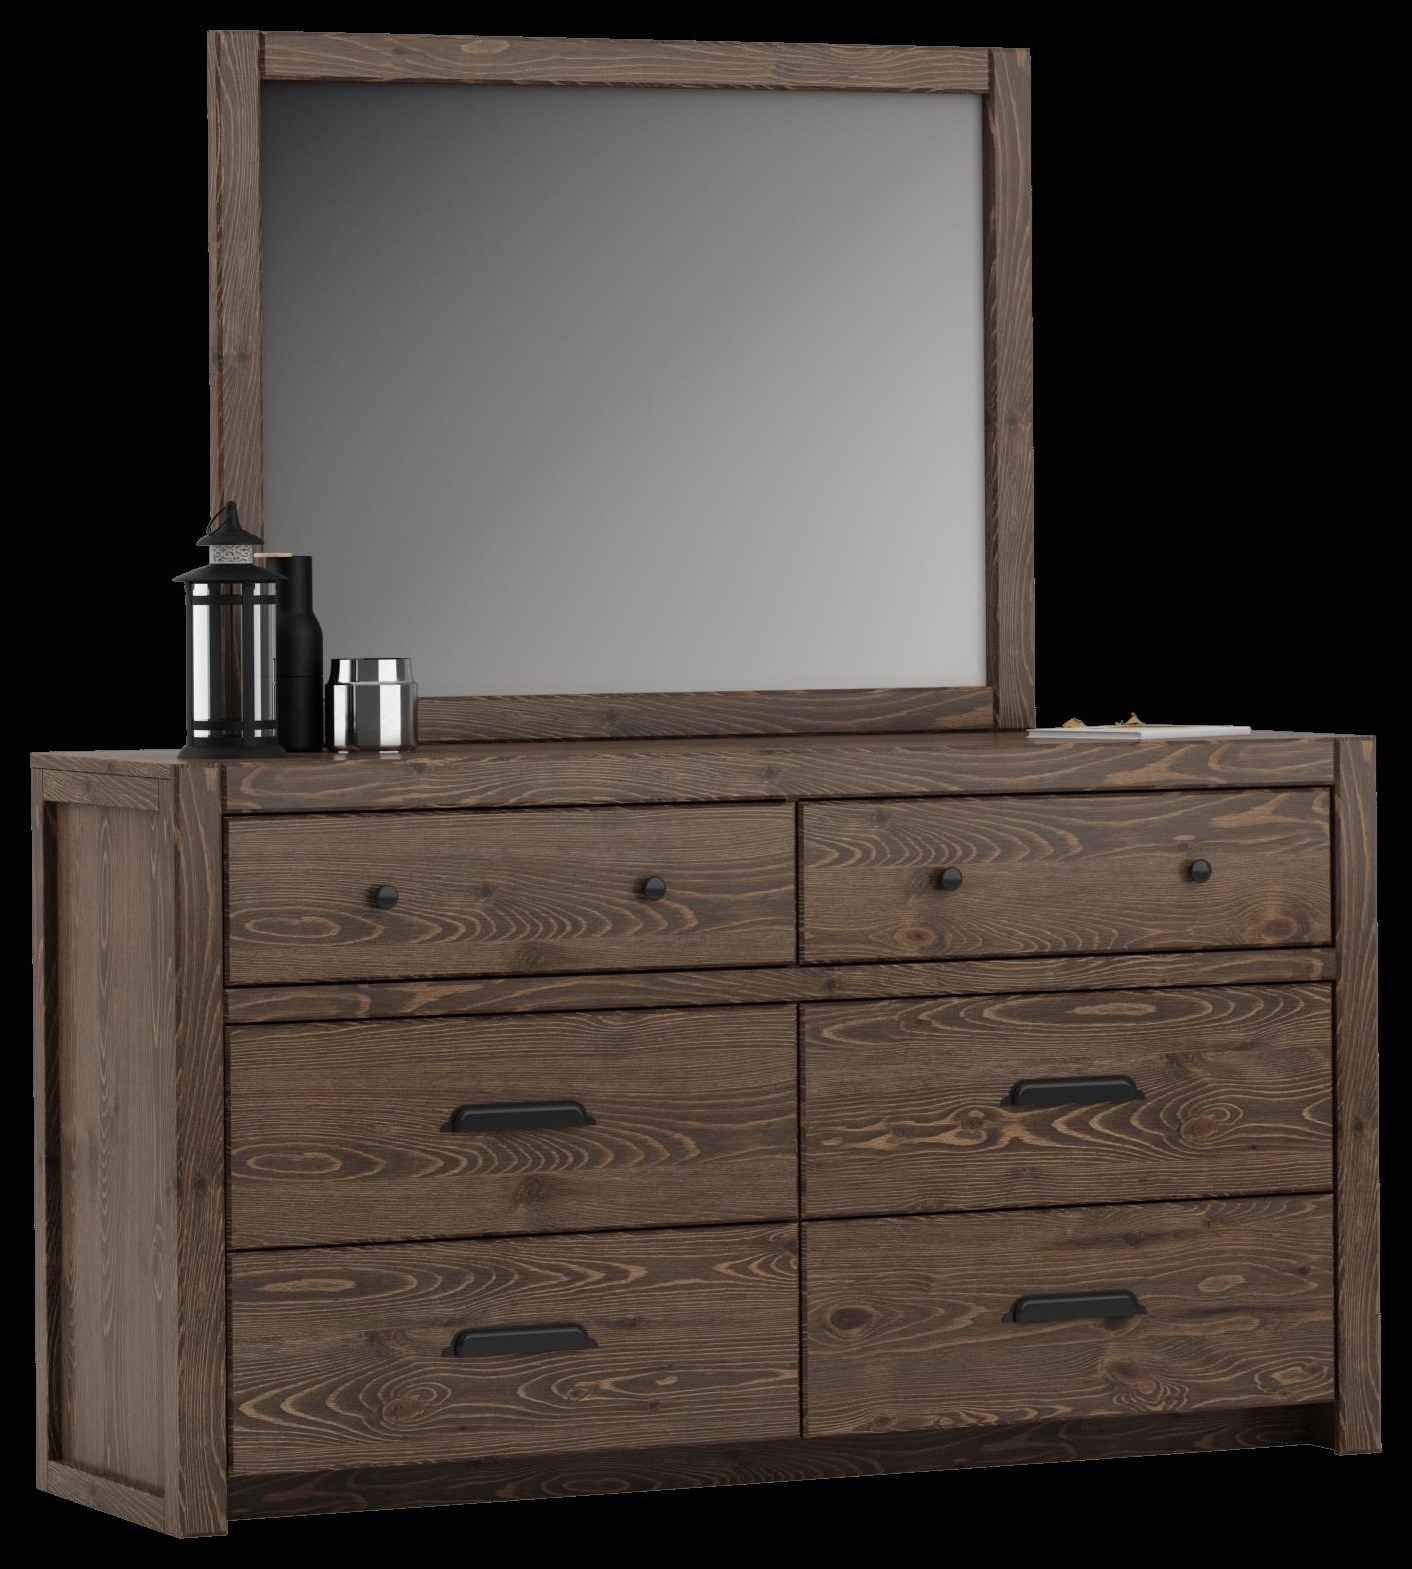 650 Dresser - 6 drawer by Defehr at Stoney Creek Furniture